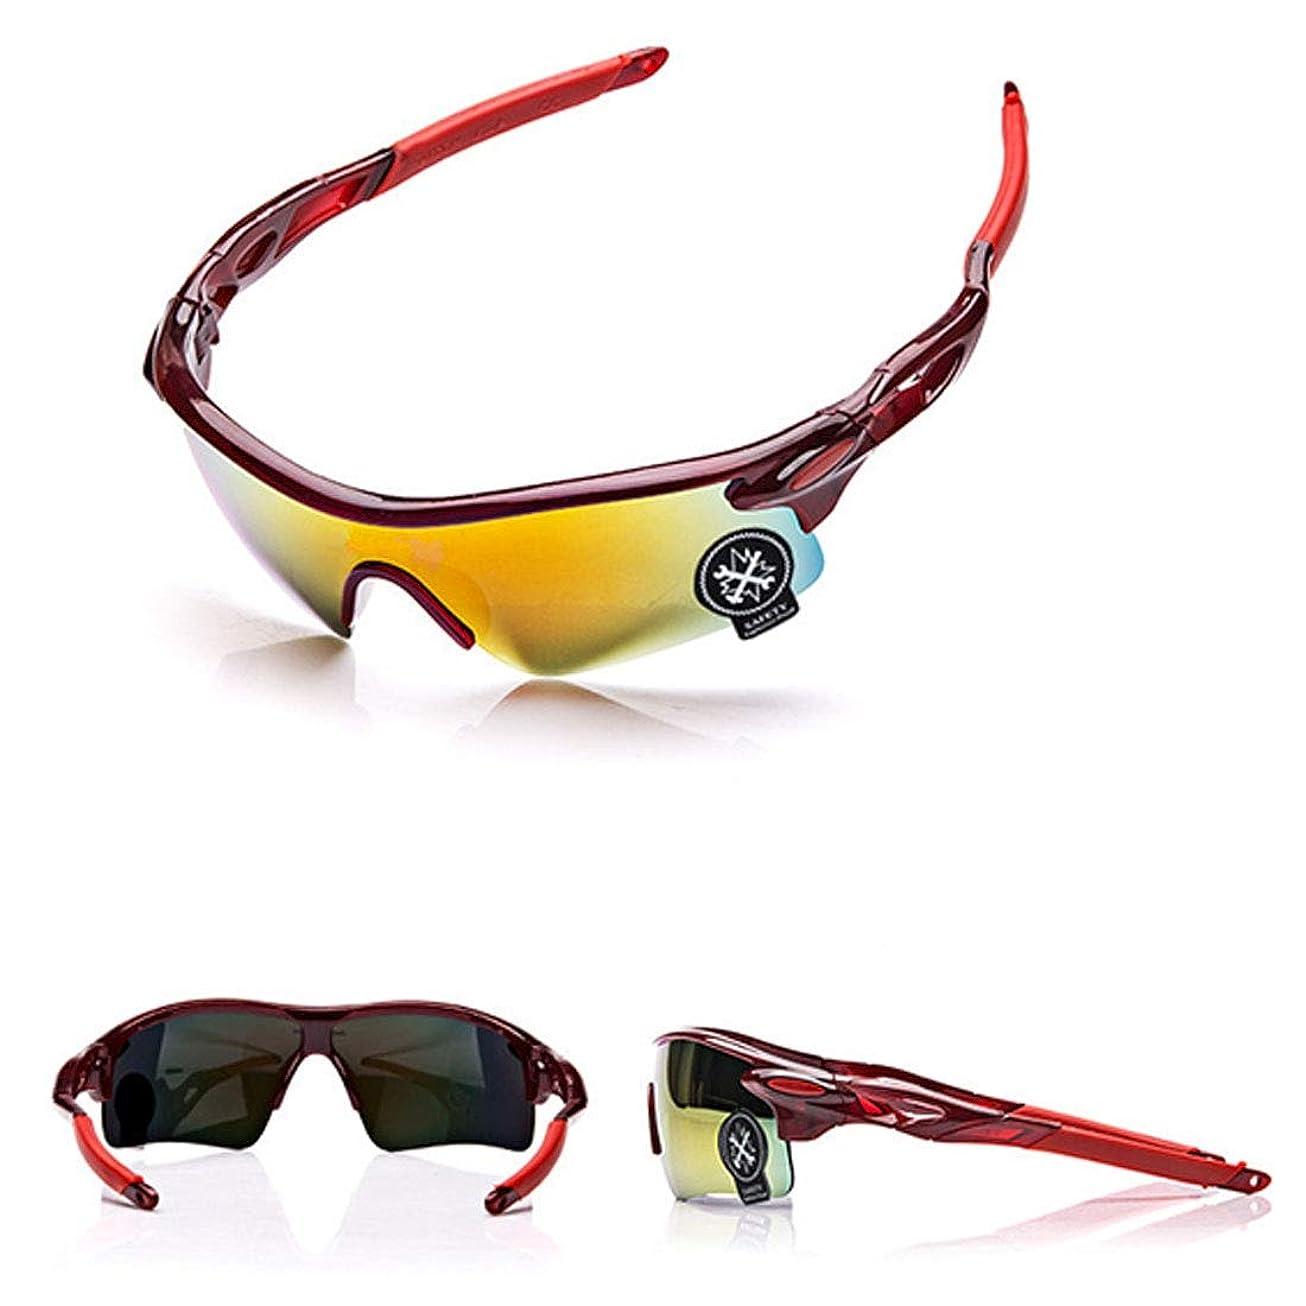 トピック差し引くシングルDiffomatealliance Glasses メガネ防爆屋外サイクリングスポーツサングラス(ブラック+透明)